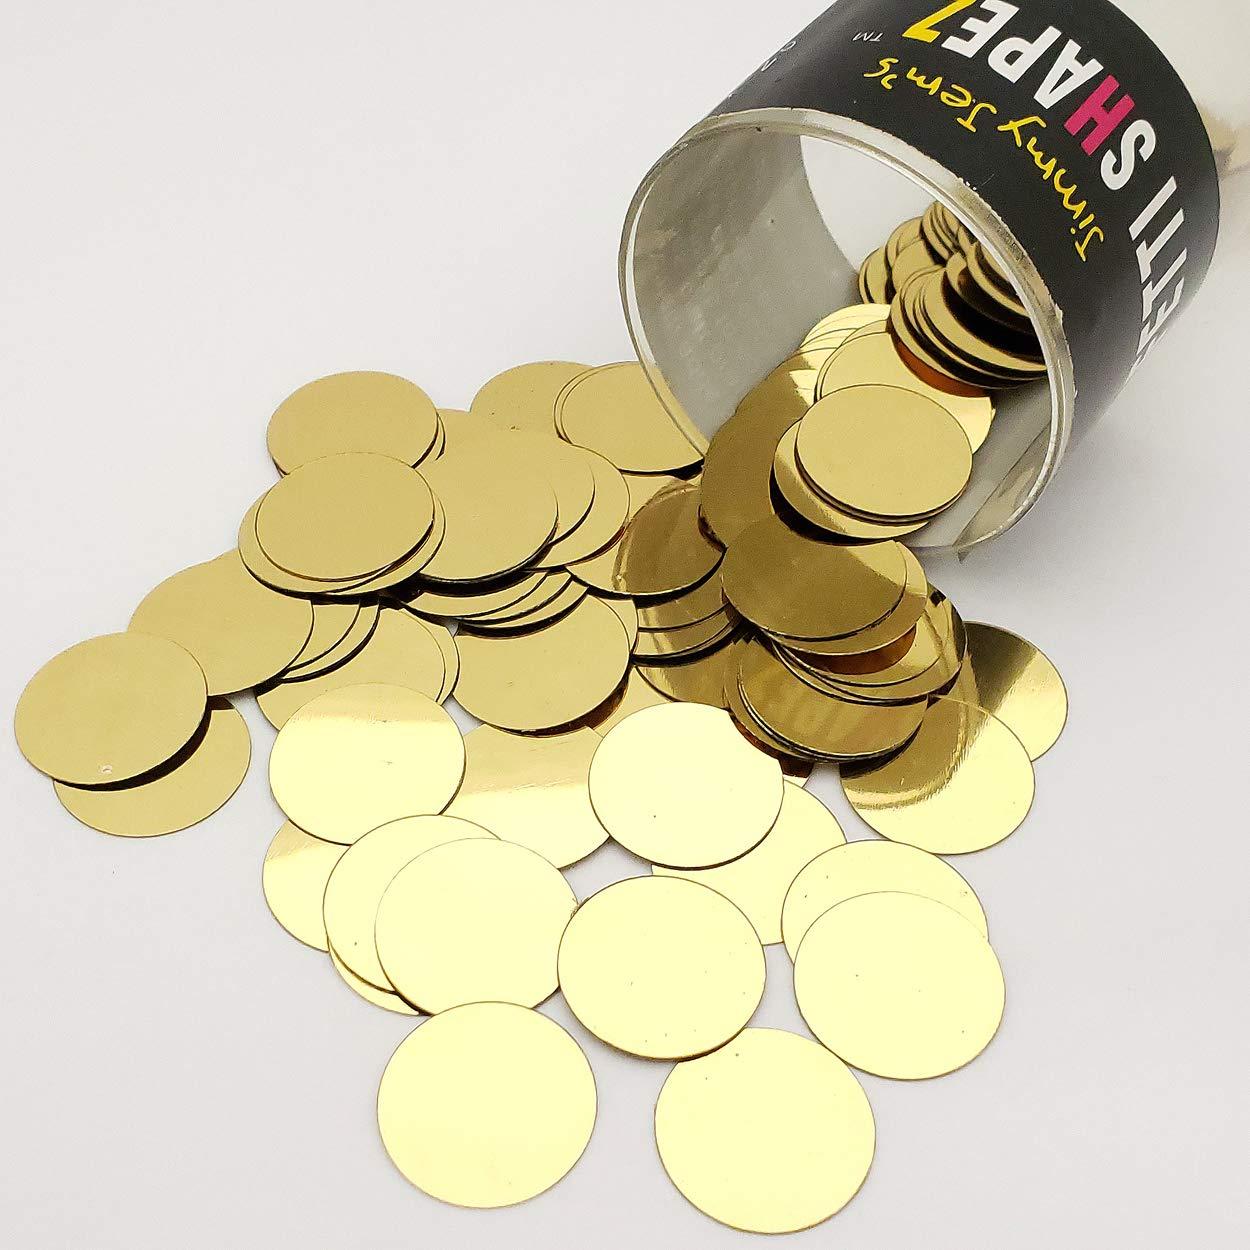 Confetti Circle 3/4'' Gold - Pound (16 oz) Free Ship (8921)